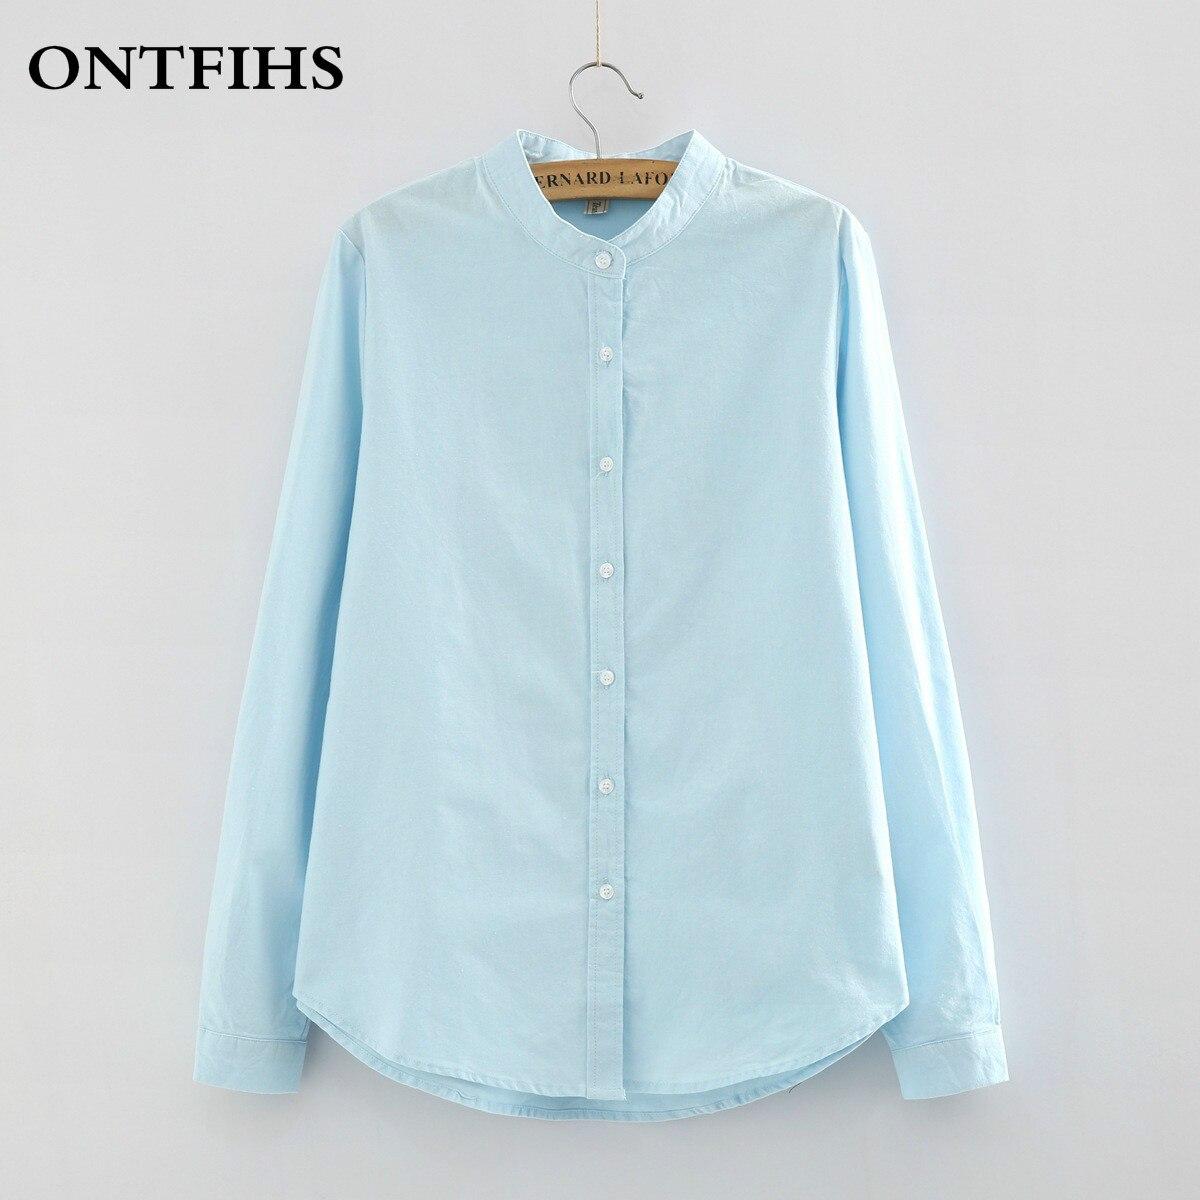 Новая Мода Хлопок Рубашки Мандарин Воротник Белый Синий Рубашка Чистого цвета Женщины С Длинным Рукавом Блузка дамы офис блузка